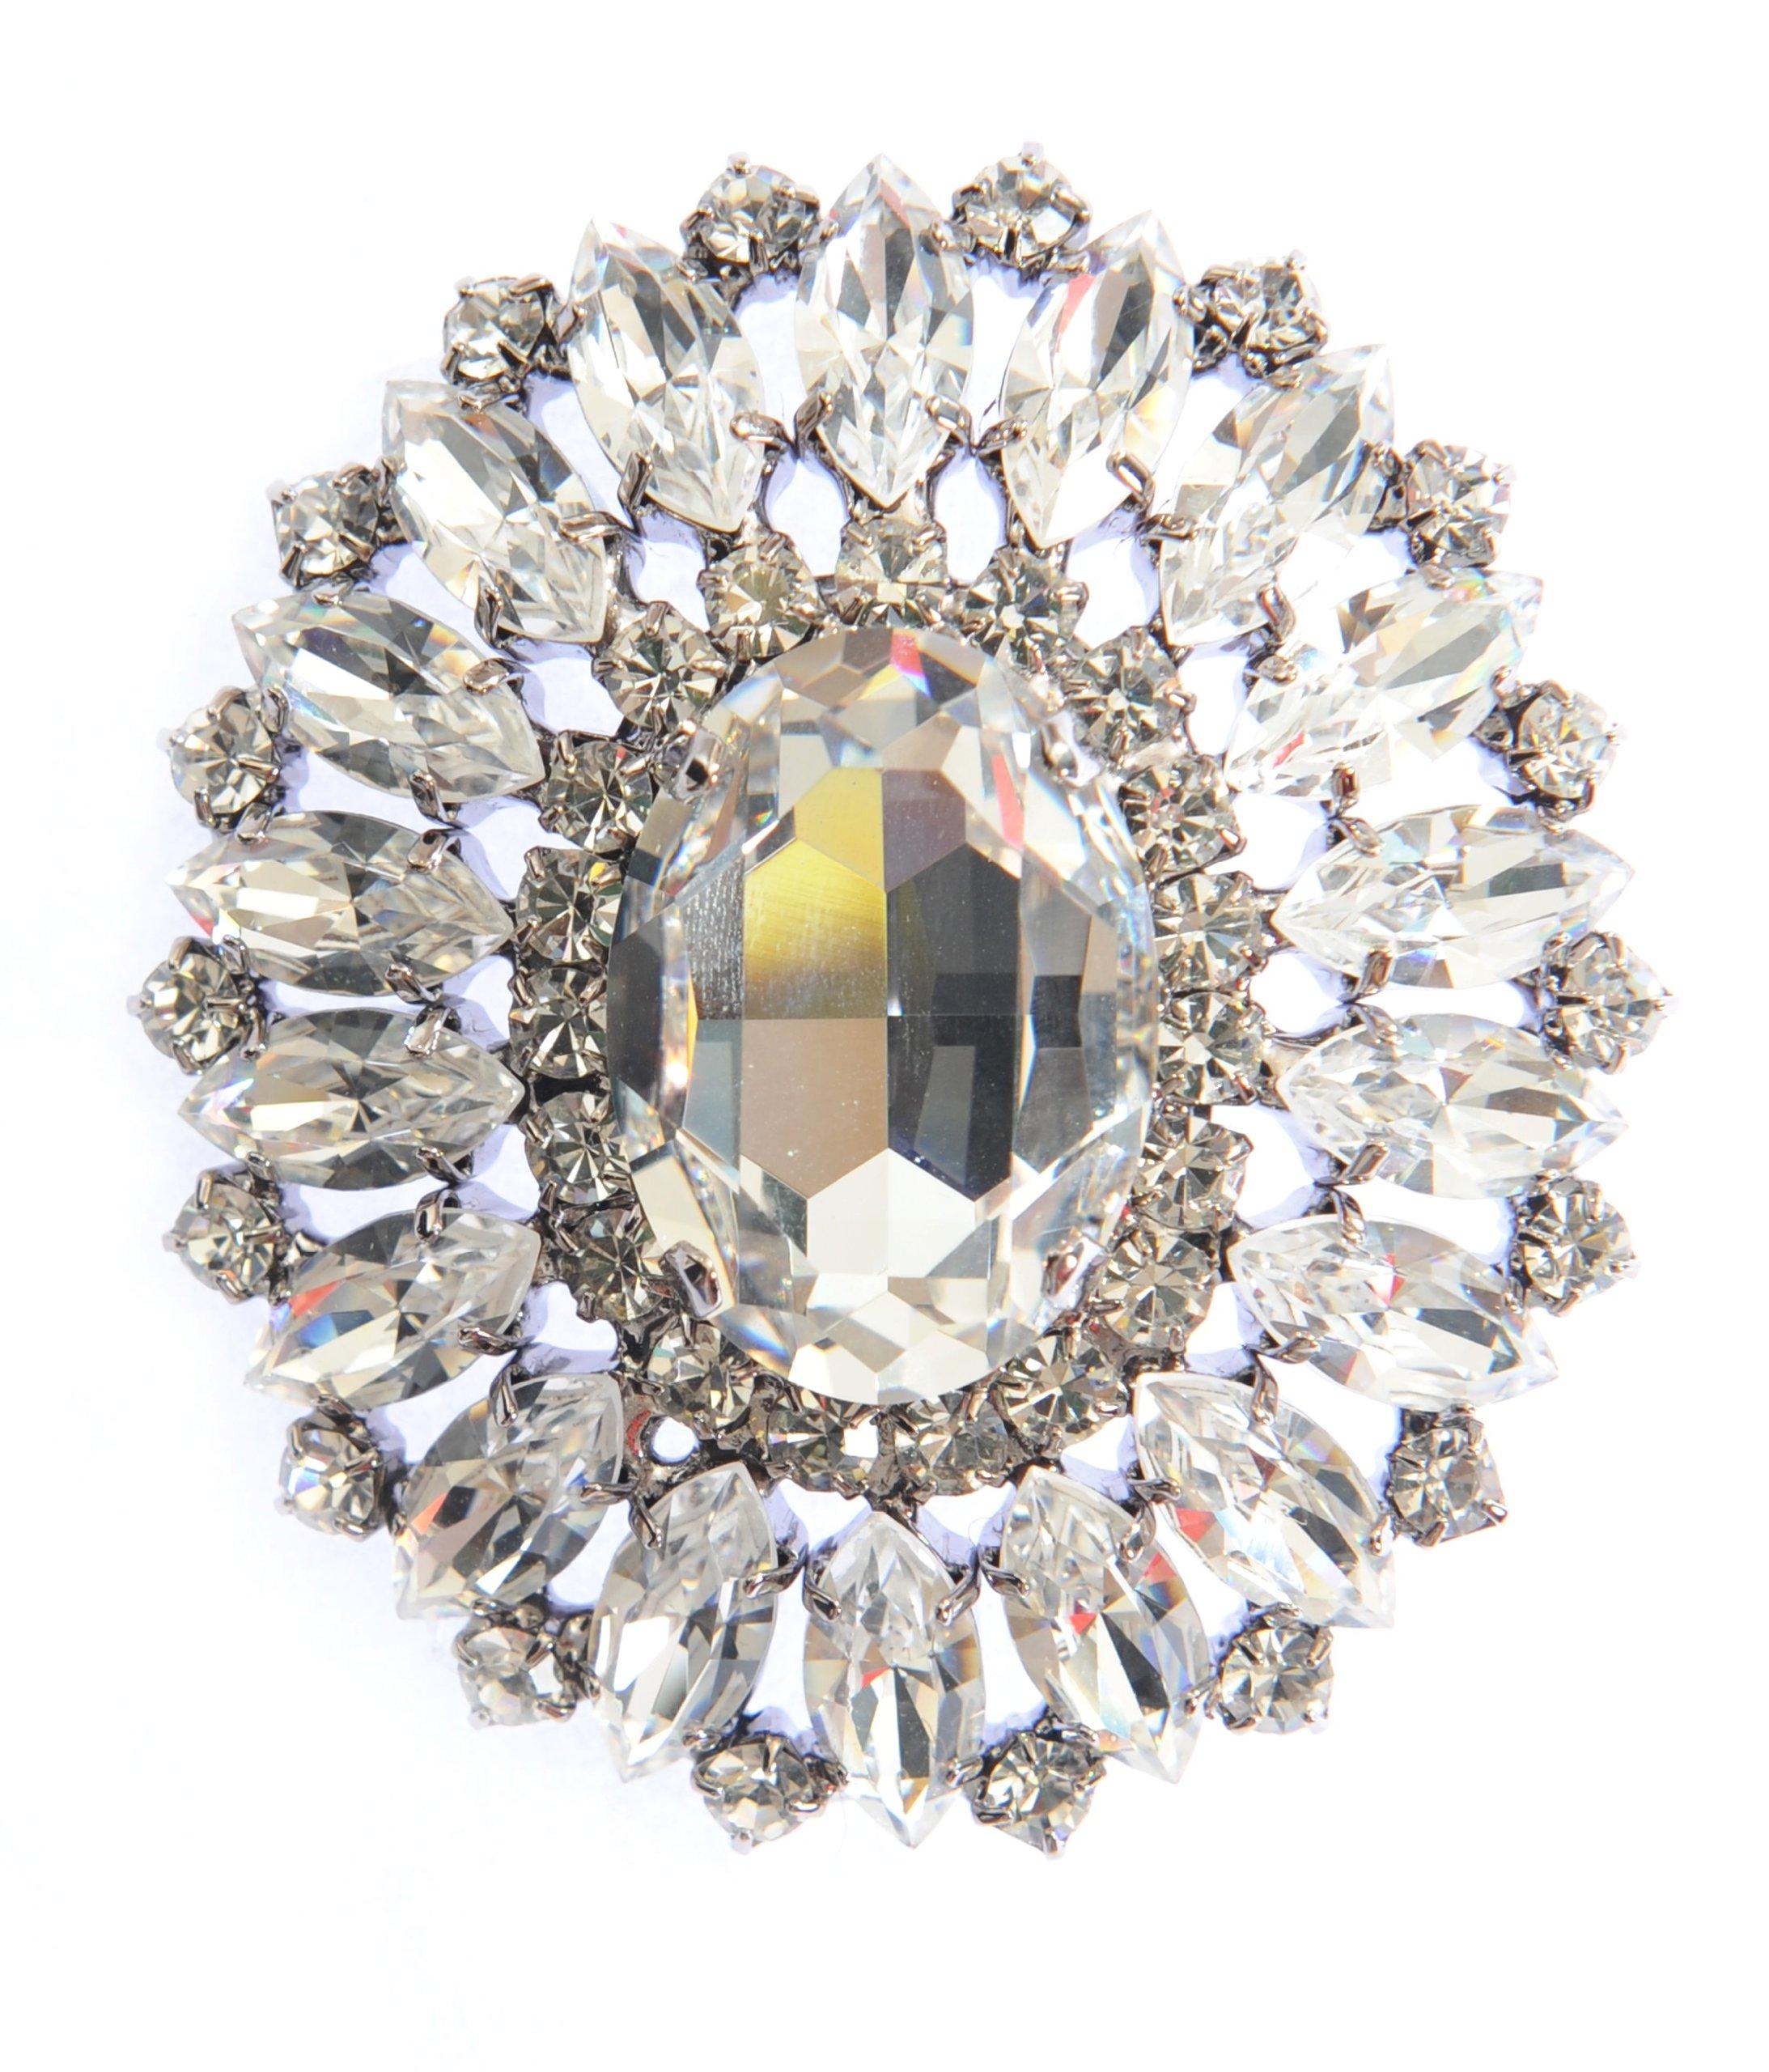 Oversized Swarovski Crystal Shield Style Brooch / Pin in Silver by Krystal London by Krystal London